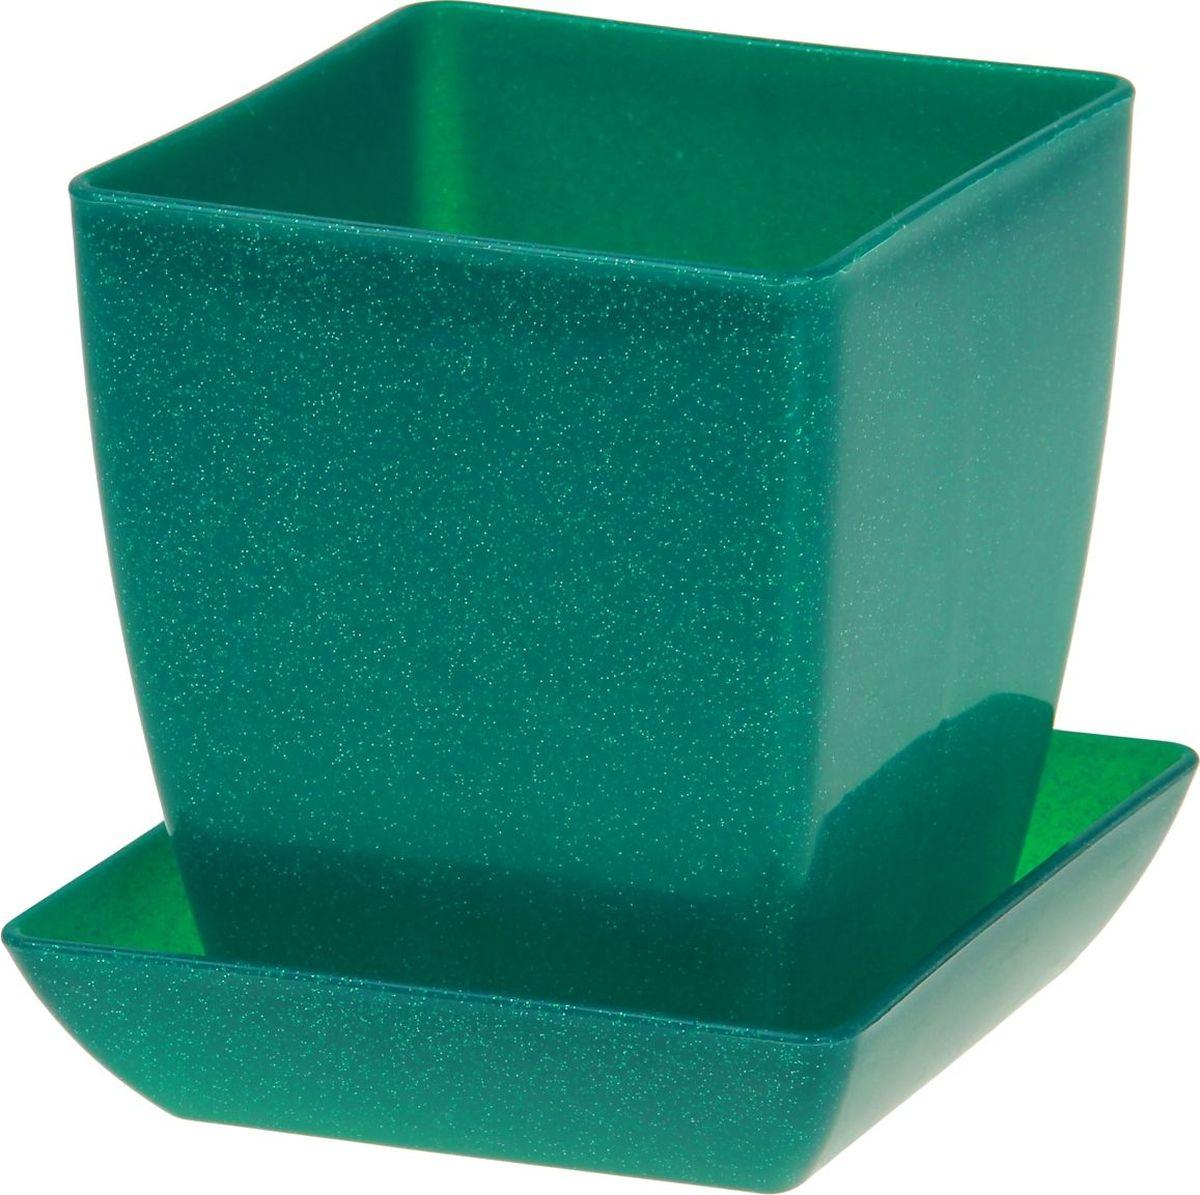 Горшок для цветов Мегапласт Квадрат, с поддоном, цвет: зеленый, 1 л822380Любой, даже самый современный и продуманный интерьер будет не завершенным без растений. Они не только очищают воздух и насыщают его кислородом, но и заметно украшают окружающее пространство. Такому полезному члену семьи просто необходимо красивое и функциональное кашпо, оригинальный горшок или необычная ваза! Мы предлагаем - Горшок для цветов с поддоном 11х11 см Квадрат 1 л, цвет зеленый блеск! Оптимальный выбор материала - это пластмасса! Почему мы так считаем? Малый вес. С легкостью переносите горшки и кашпо с места на место, ставьте их на столики или полки, подвешивайте под потолок, не беспокоясь о нагрузке. Простота ухода. Пластиковые изделия не нуждаются в специальных условиях хранения. Их легко чистить достаточно просто сполоснуть теплой водой. Никаких царапин. Пластиковые кашпо не царапают и не загрязняют поверхности, на которых стоят. Пластик дольше хранит влагу, а значит растение реже нуждается в поливе. Пластмасса не пропускает воздух корневой системе растения не грозят резкие перепады температур. Огромный выбор форм, декора и расцветок вы без труда подберете что-то, что идеально впишется в уже существующий интерьер. Соблюдая нехитрые правила ухода, вы можете заметно продлить срок службы горшков, вазонов и кашпо из пластика: всегда учитывайте размер кроны и корневой системы растения (при разрастании большое растение способно повредить маленький горшок) берегите изделие от воздействия прямых солнечных лучей, чтобы кашпо и горшки не выцветали держите кашпо и горшки из пластика подальше от нагревающихся поверхностей. Создавайте прекрасные цветочные композиции, выращивайте рассаду или необычные растения, а низкие цены позволят вам не ограничивать себя в выборе.